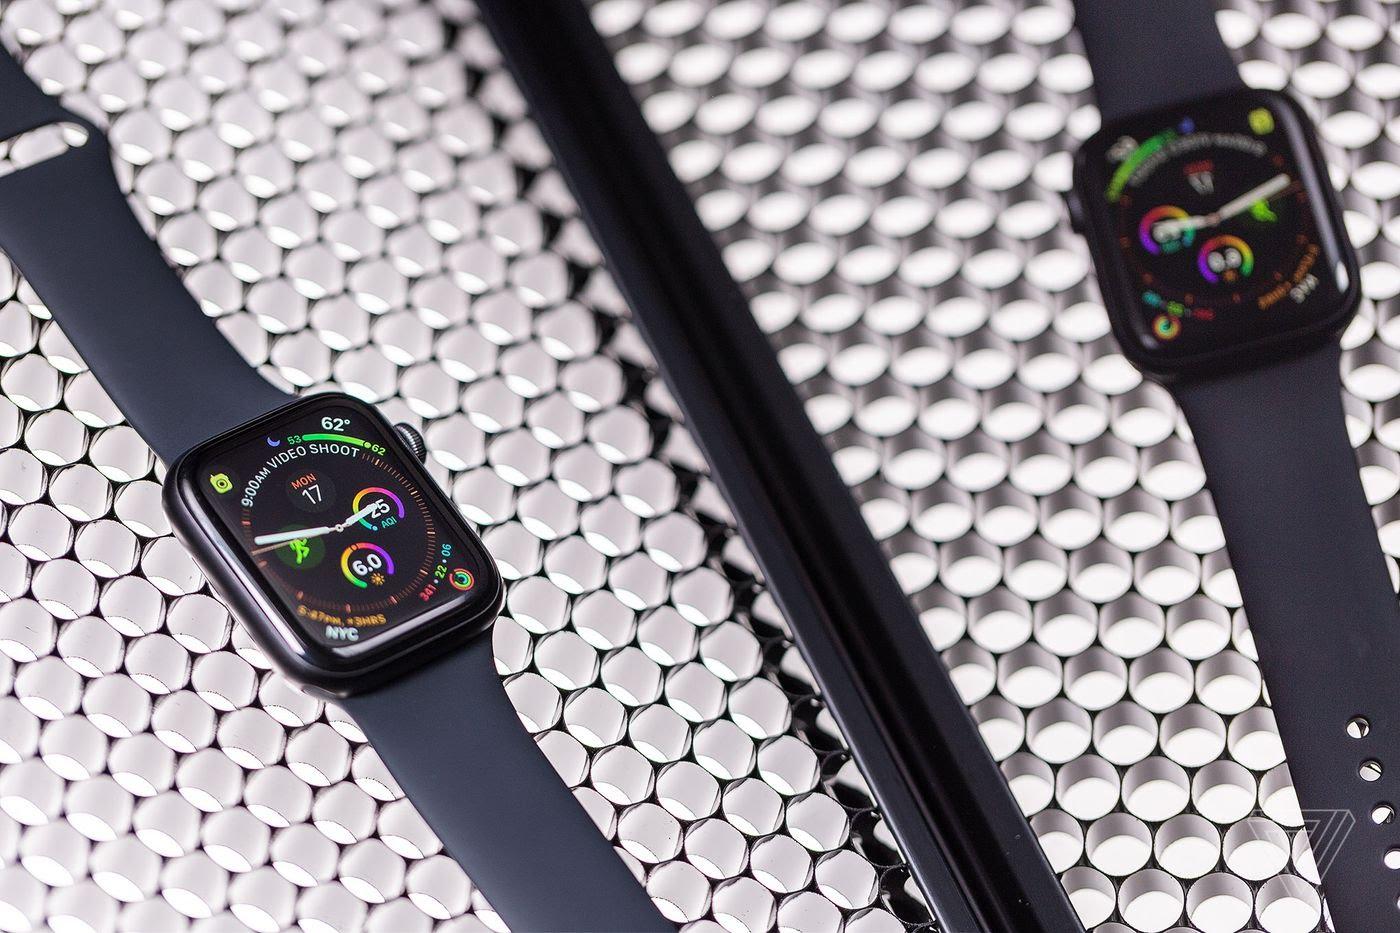 سهم اپل واچ از بازار ساعت های هوشمند به ۵۰ درصد از کل بازار کاهش پیدا کرد